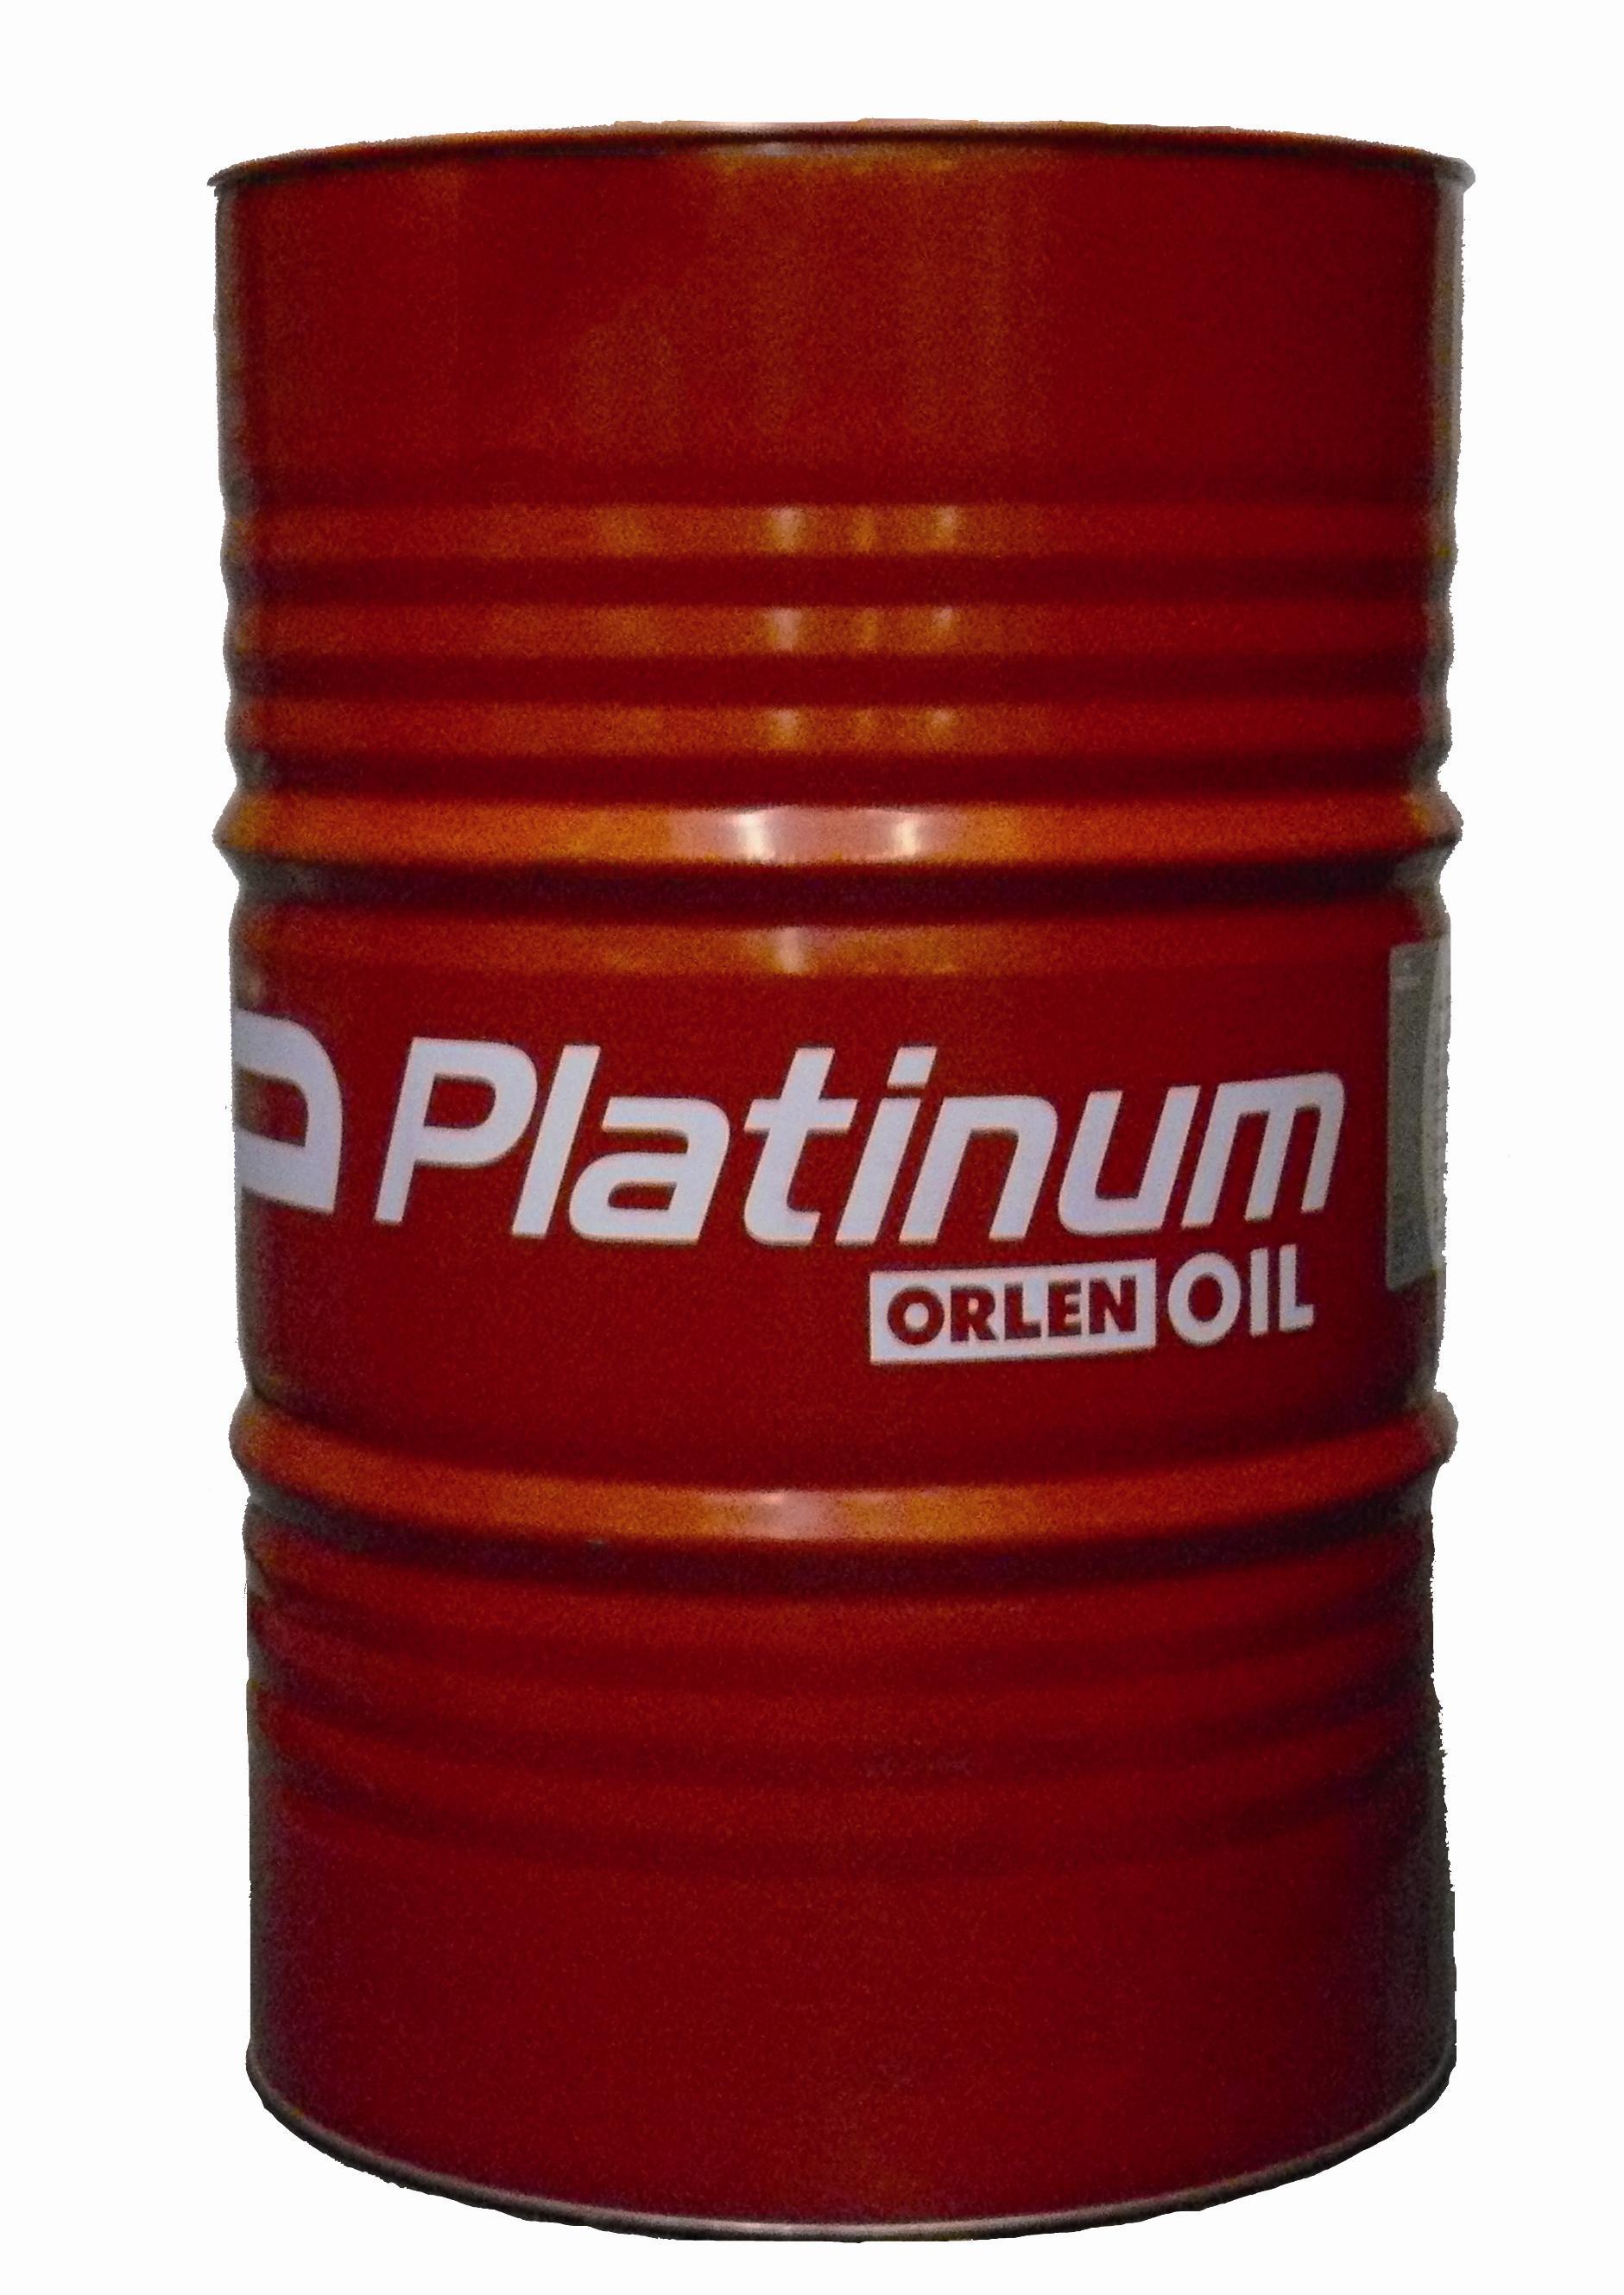 PLATINUM ULTOR MAX 5W/30  BECZKA 205L   W